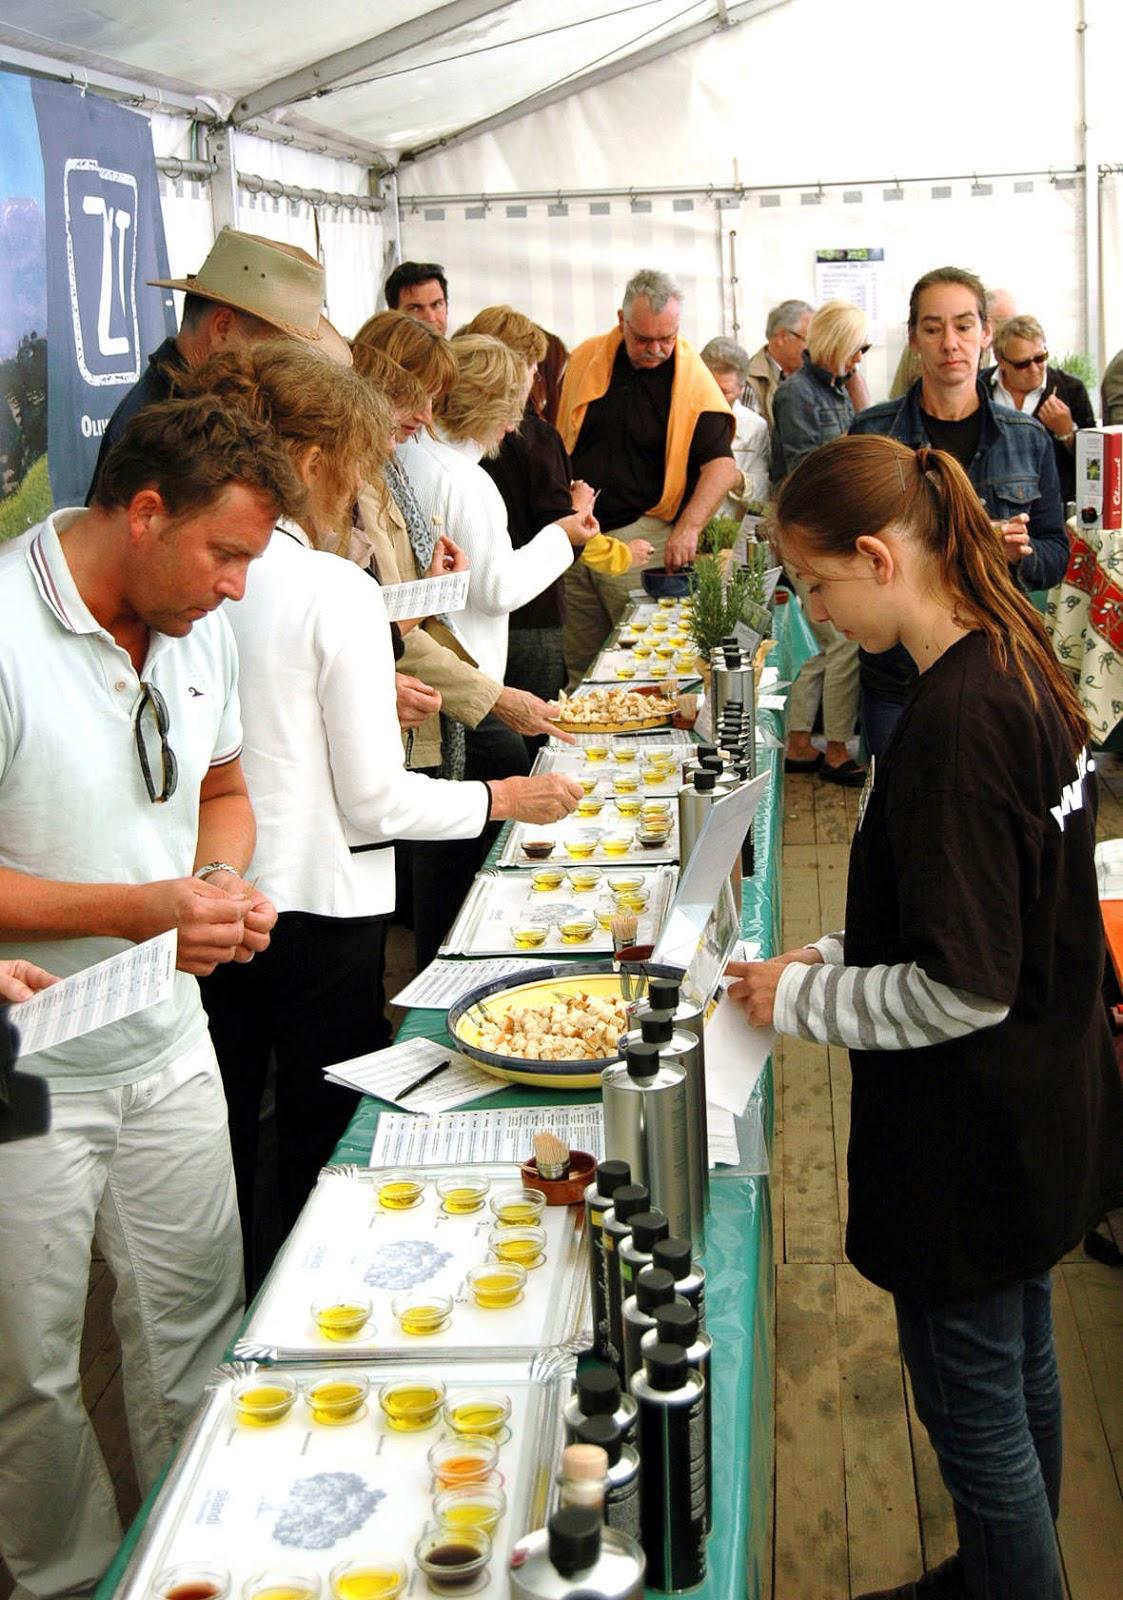 Beim Olivenoelfest von zait koennen die Oele des neuen Jahrgangs probiert werden